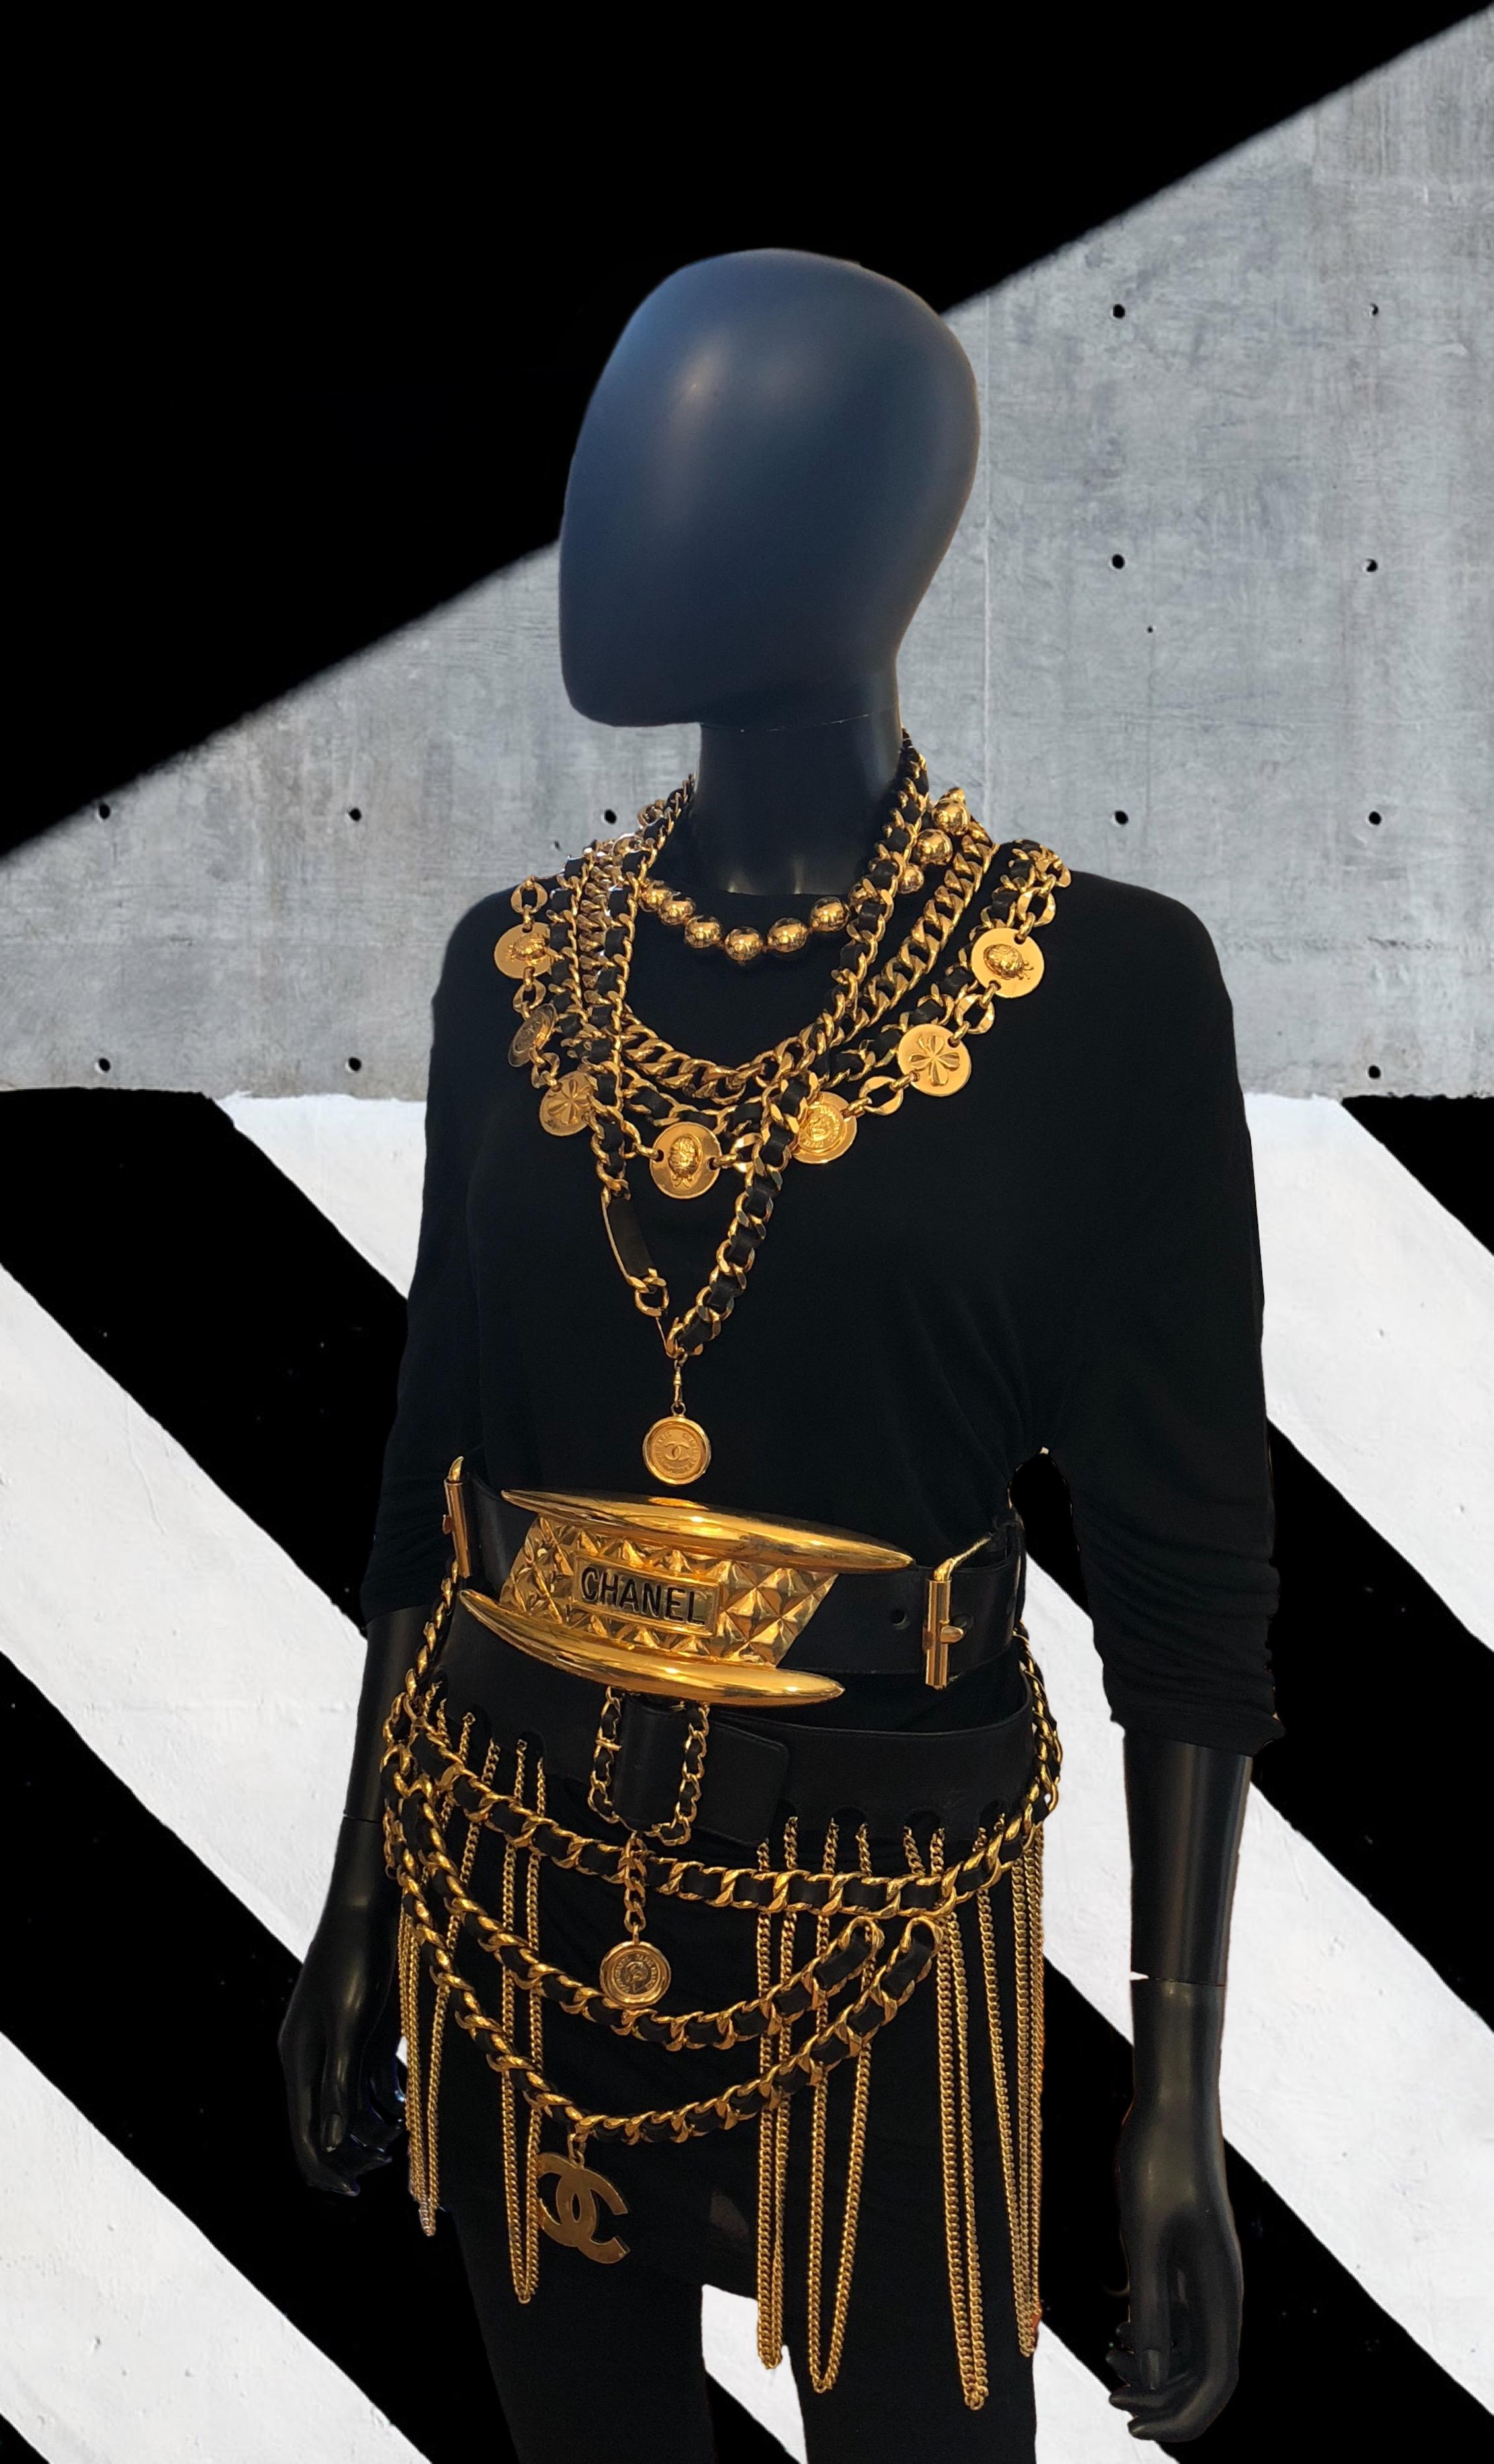 Vente Chanel et Mode Vintage chez Shine a Lot : 75 lots